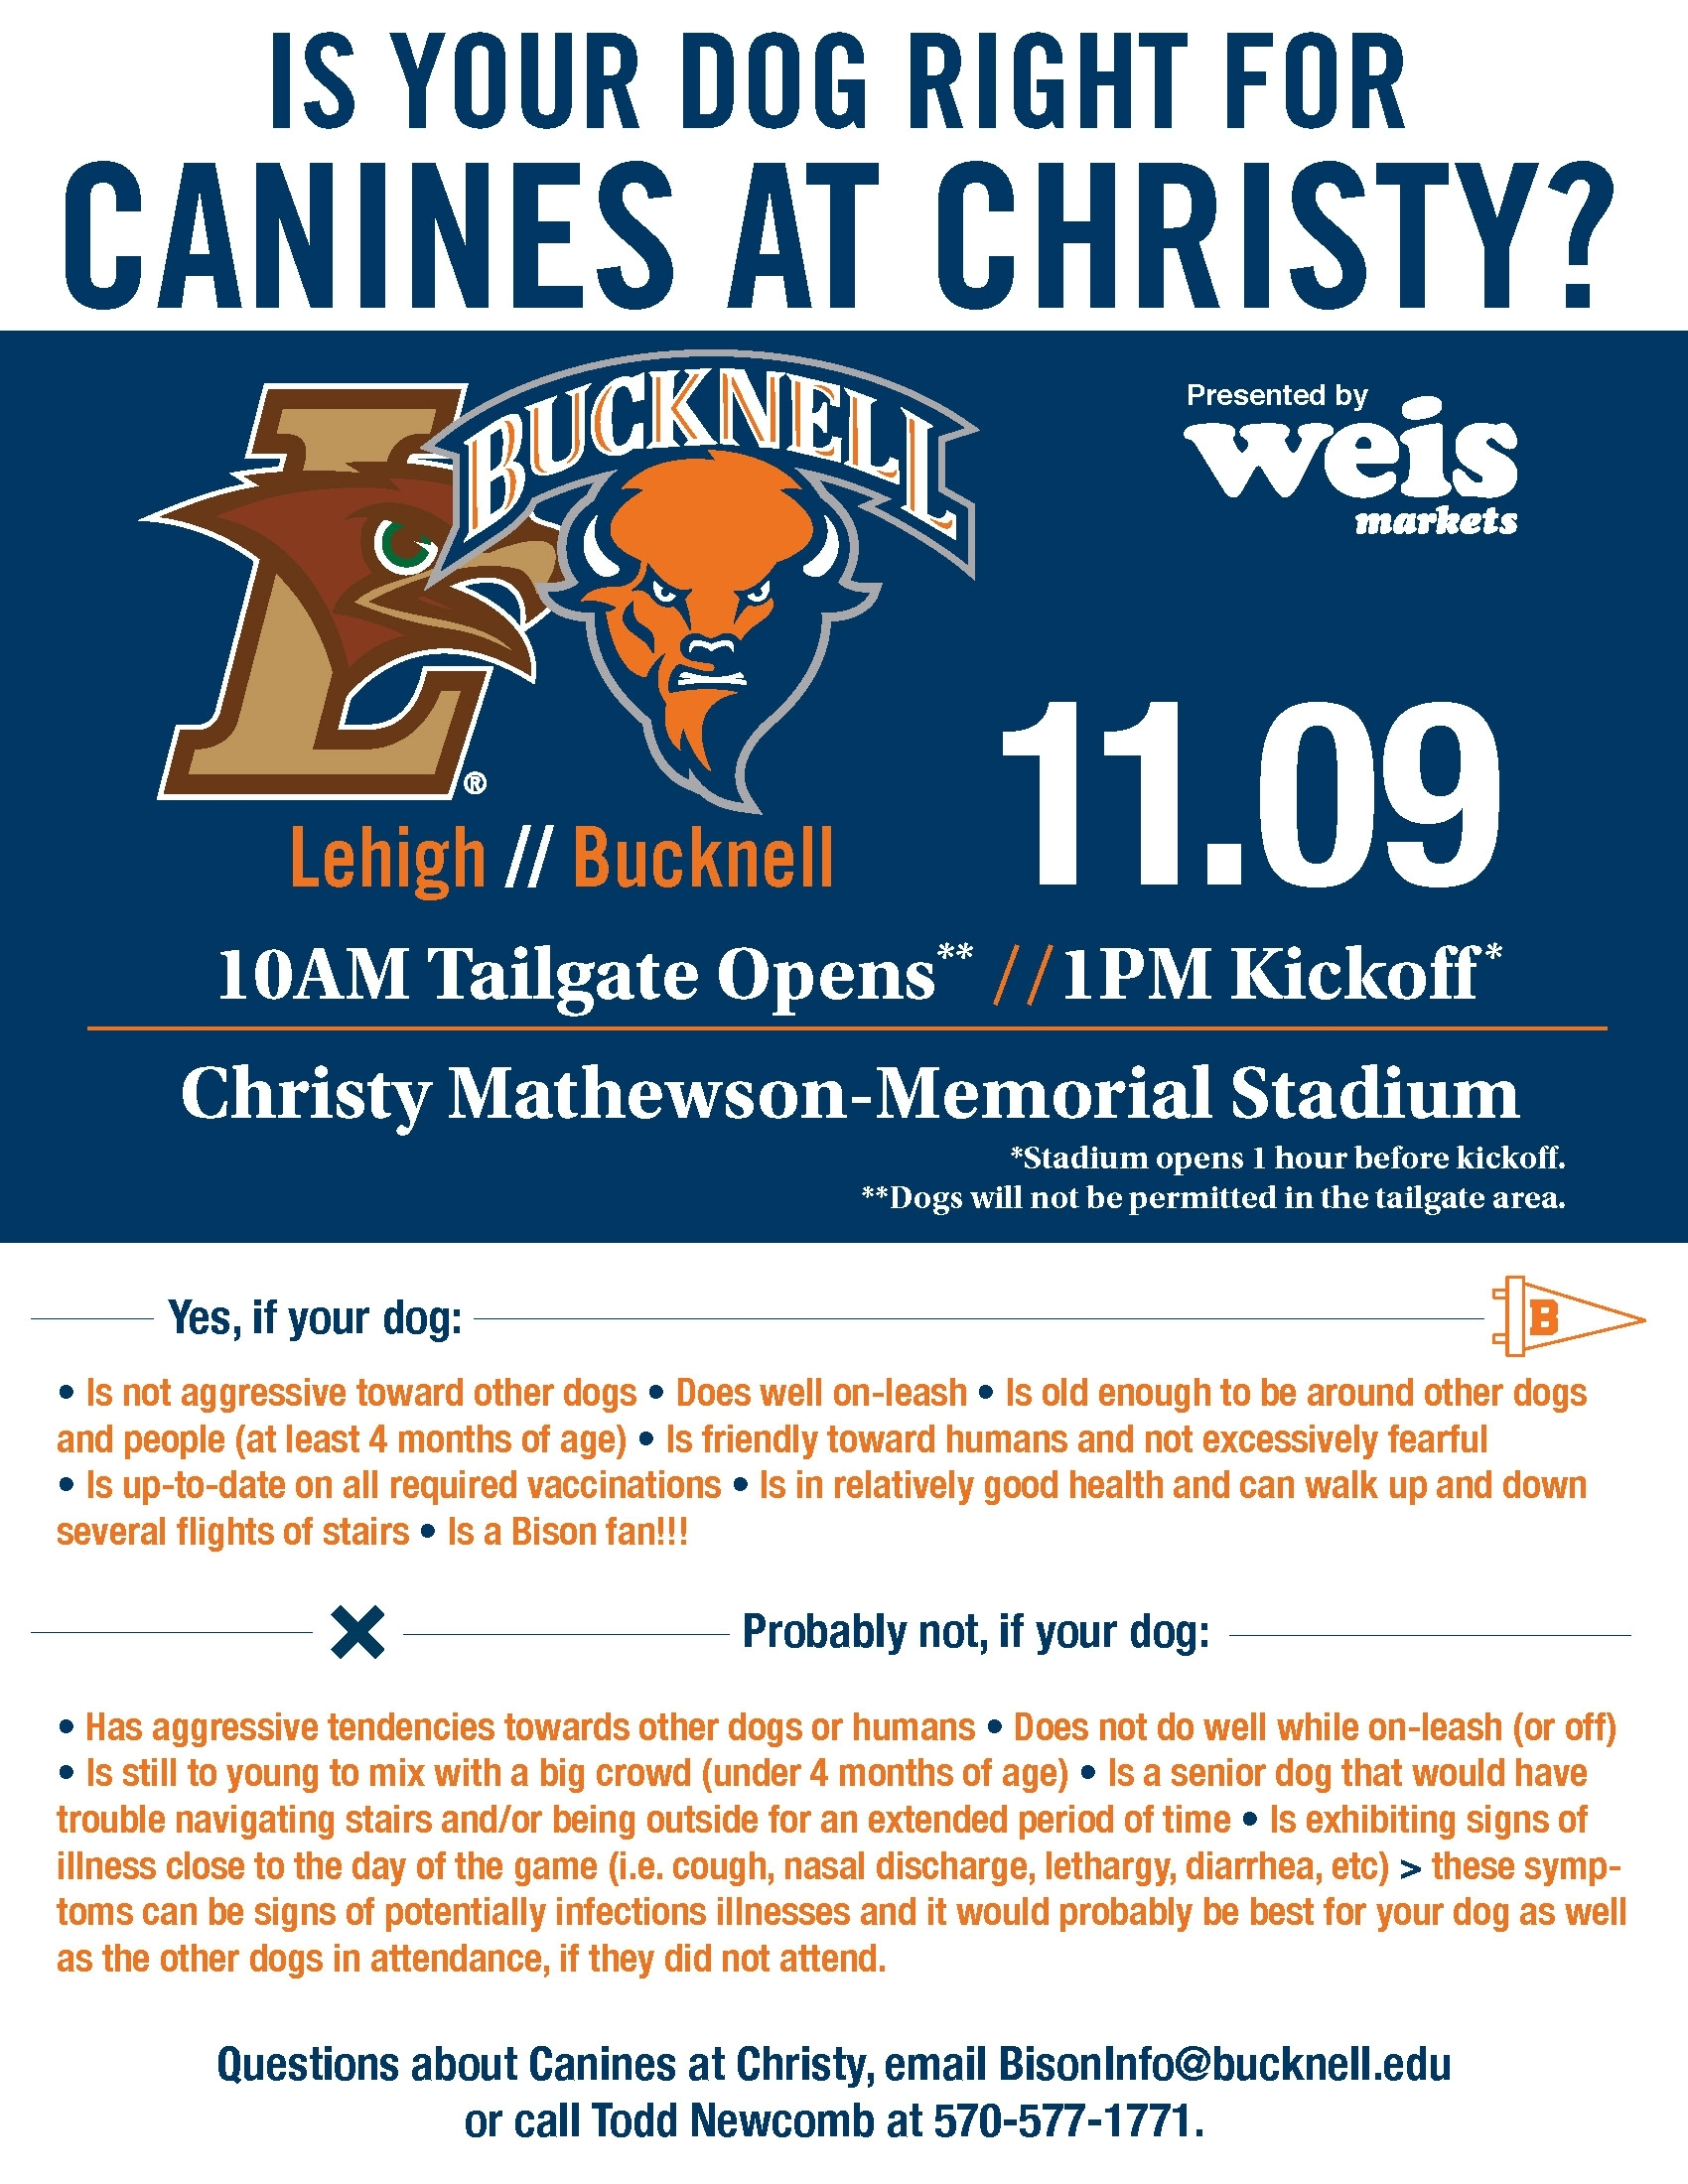 Bucknell University - Ticket Sales - Bucknell Vs Lehigh